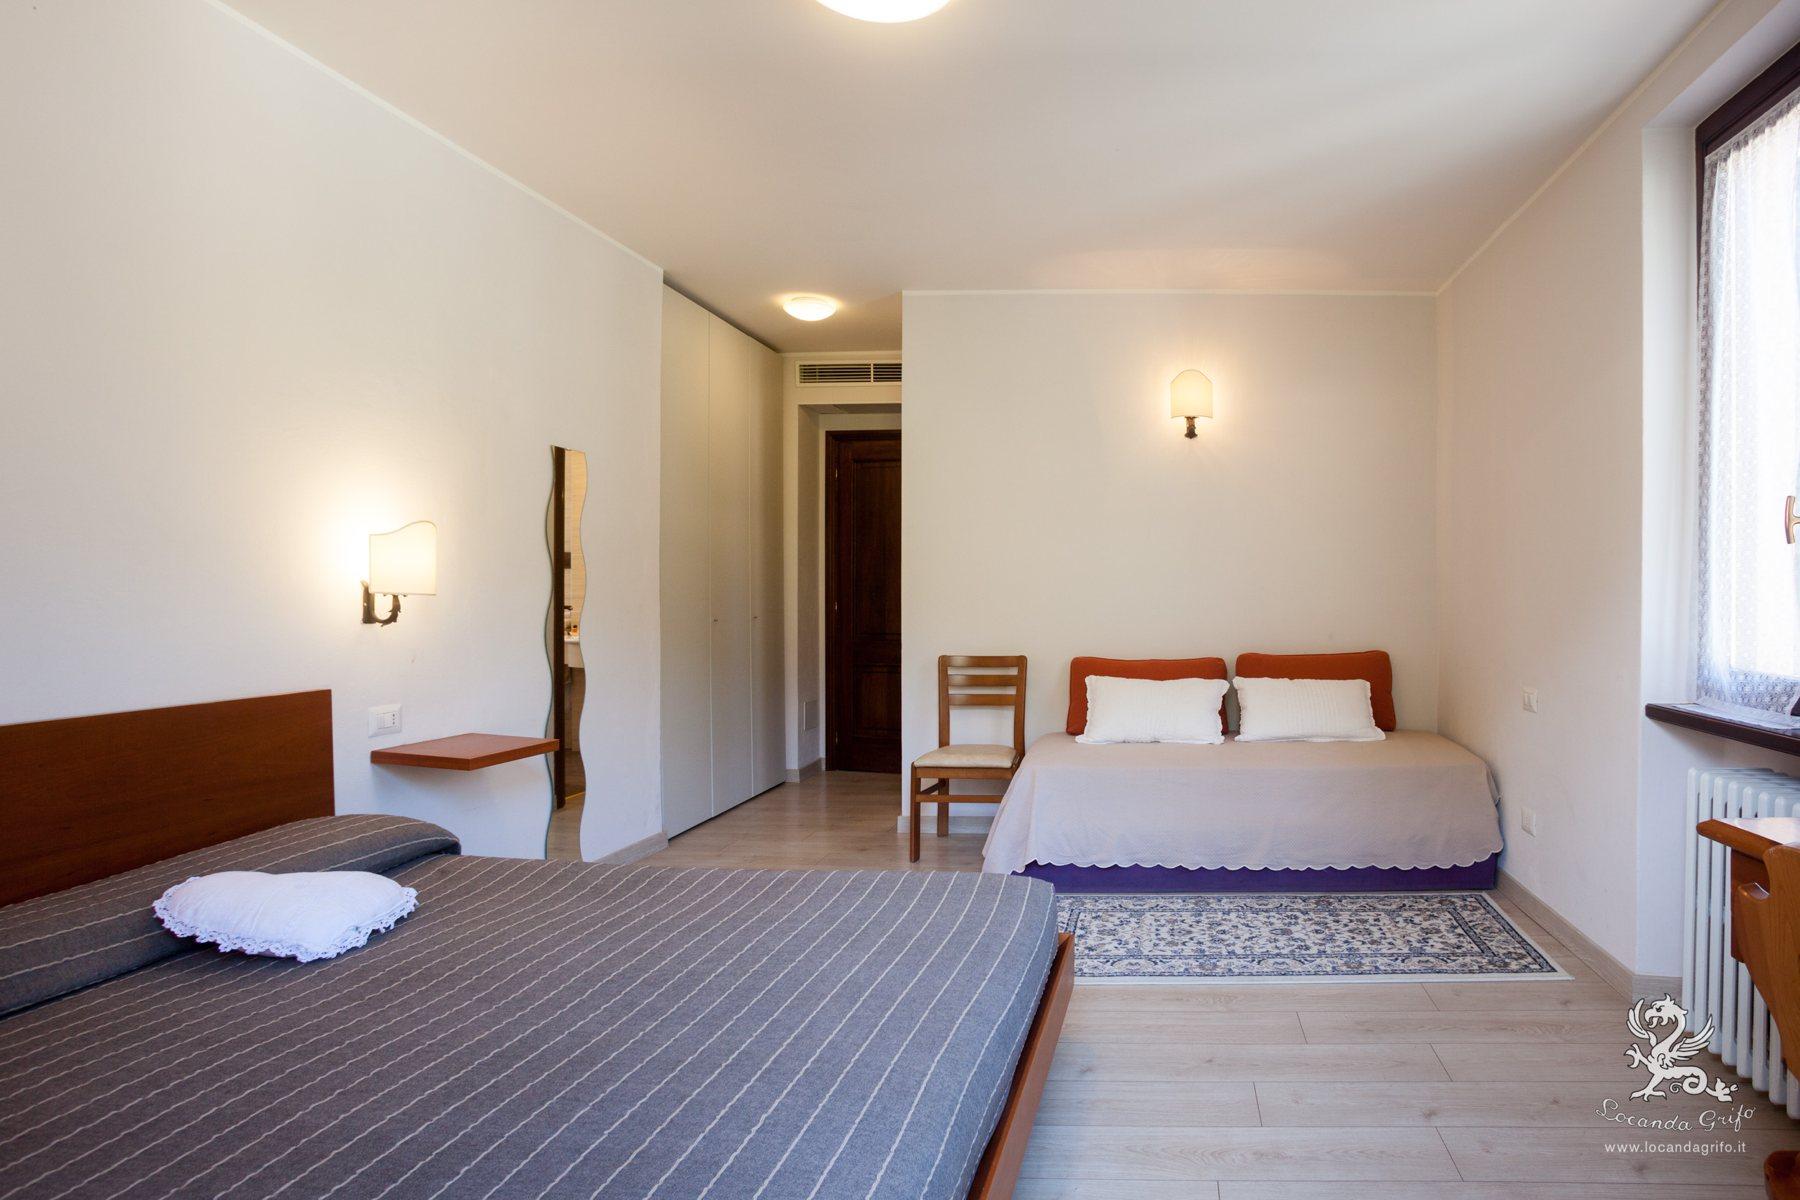 Triple room with double bed - Locanda Grifo, albergo a Lenno sul Lago di Como